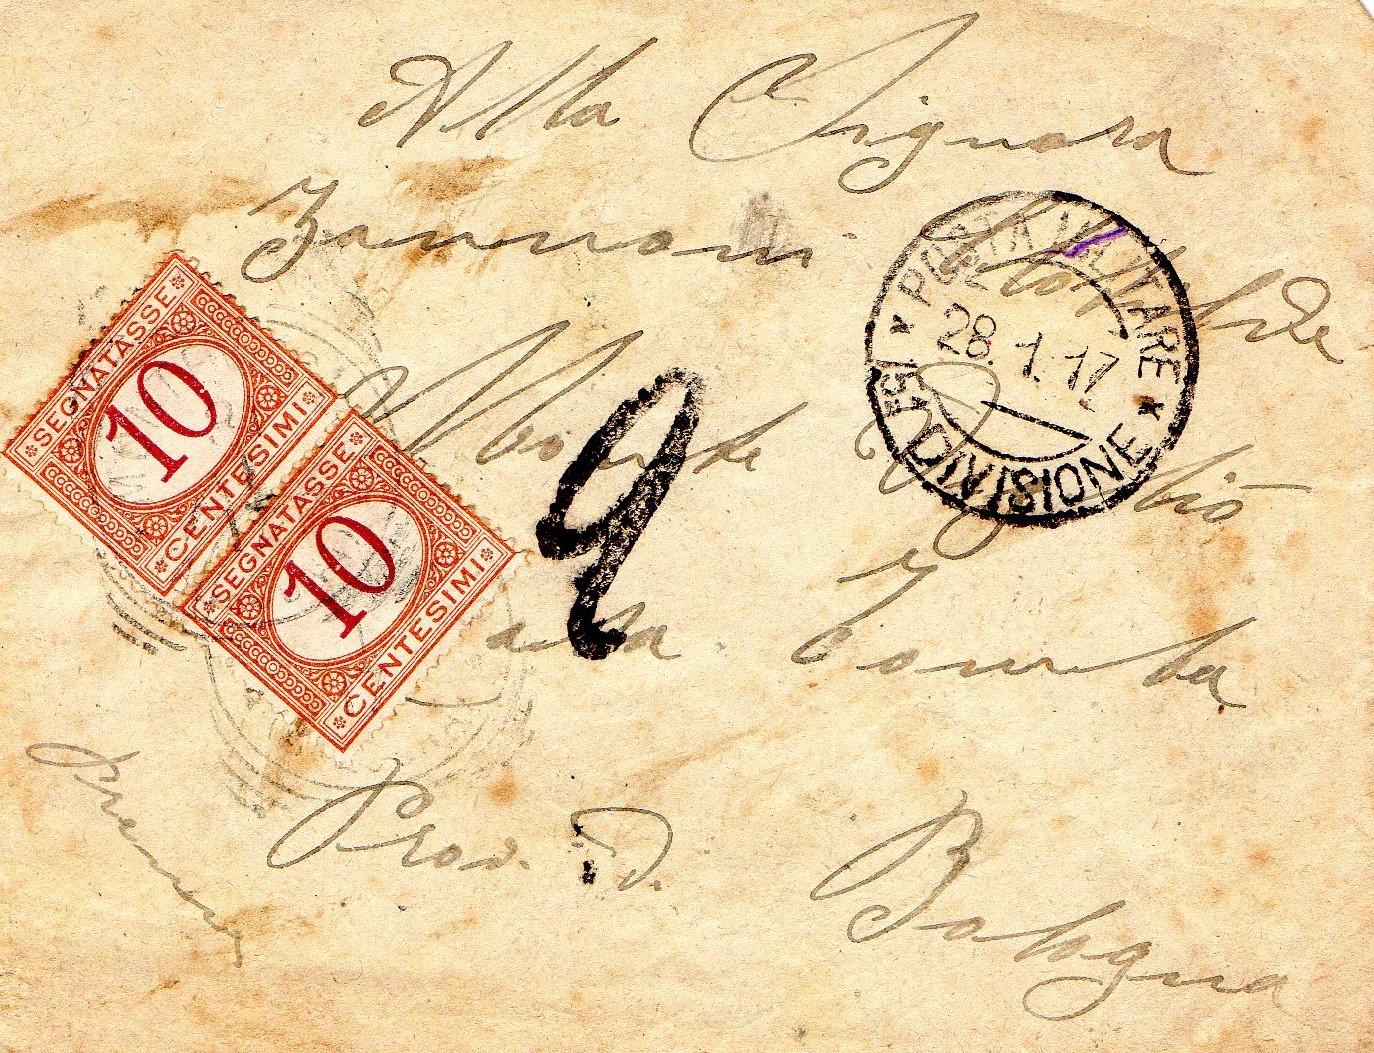 Grande Guerra a Valsamoggia: Busta di una lettera inviata da Primo Ognibene alla moglie il 28 gennaio 1917. Raccolta Claudio Cavallieri